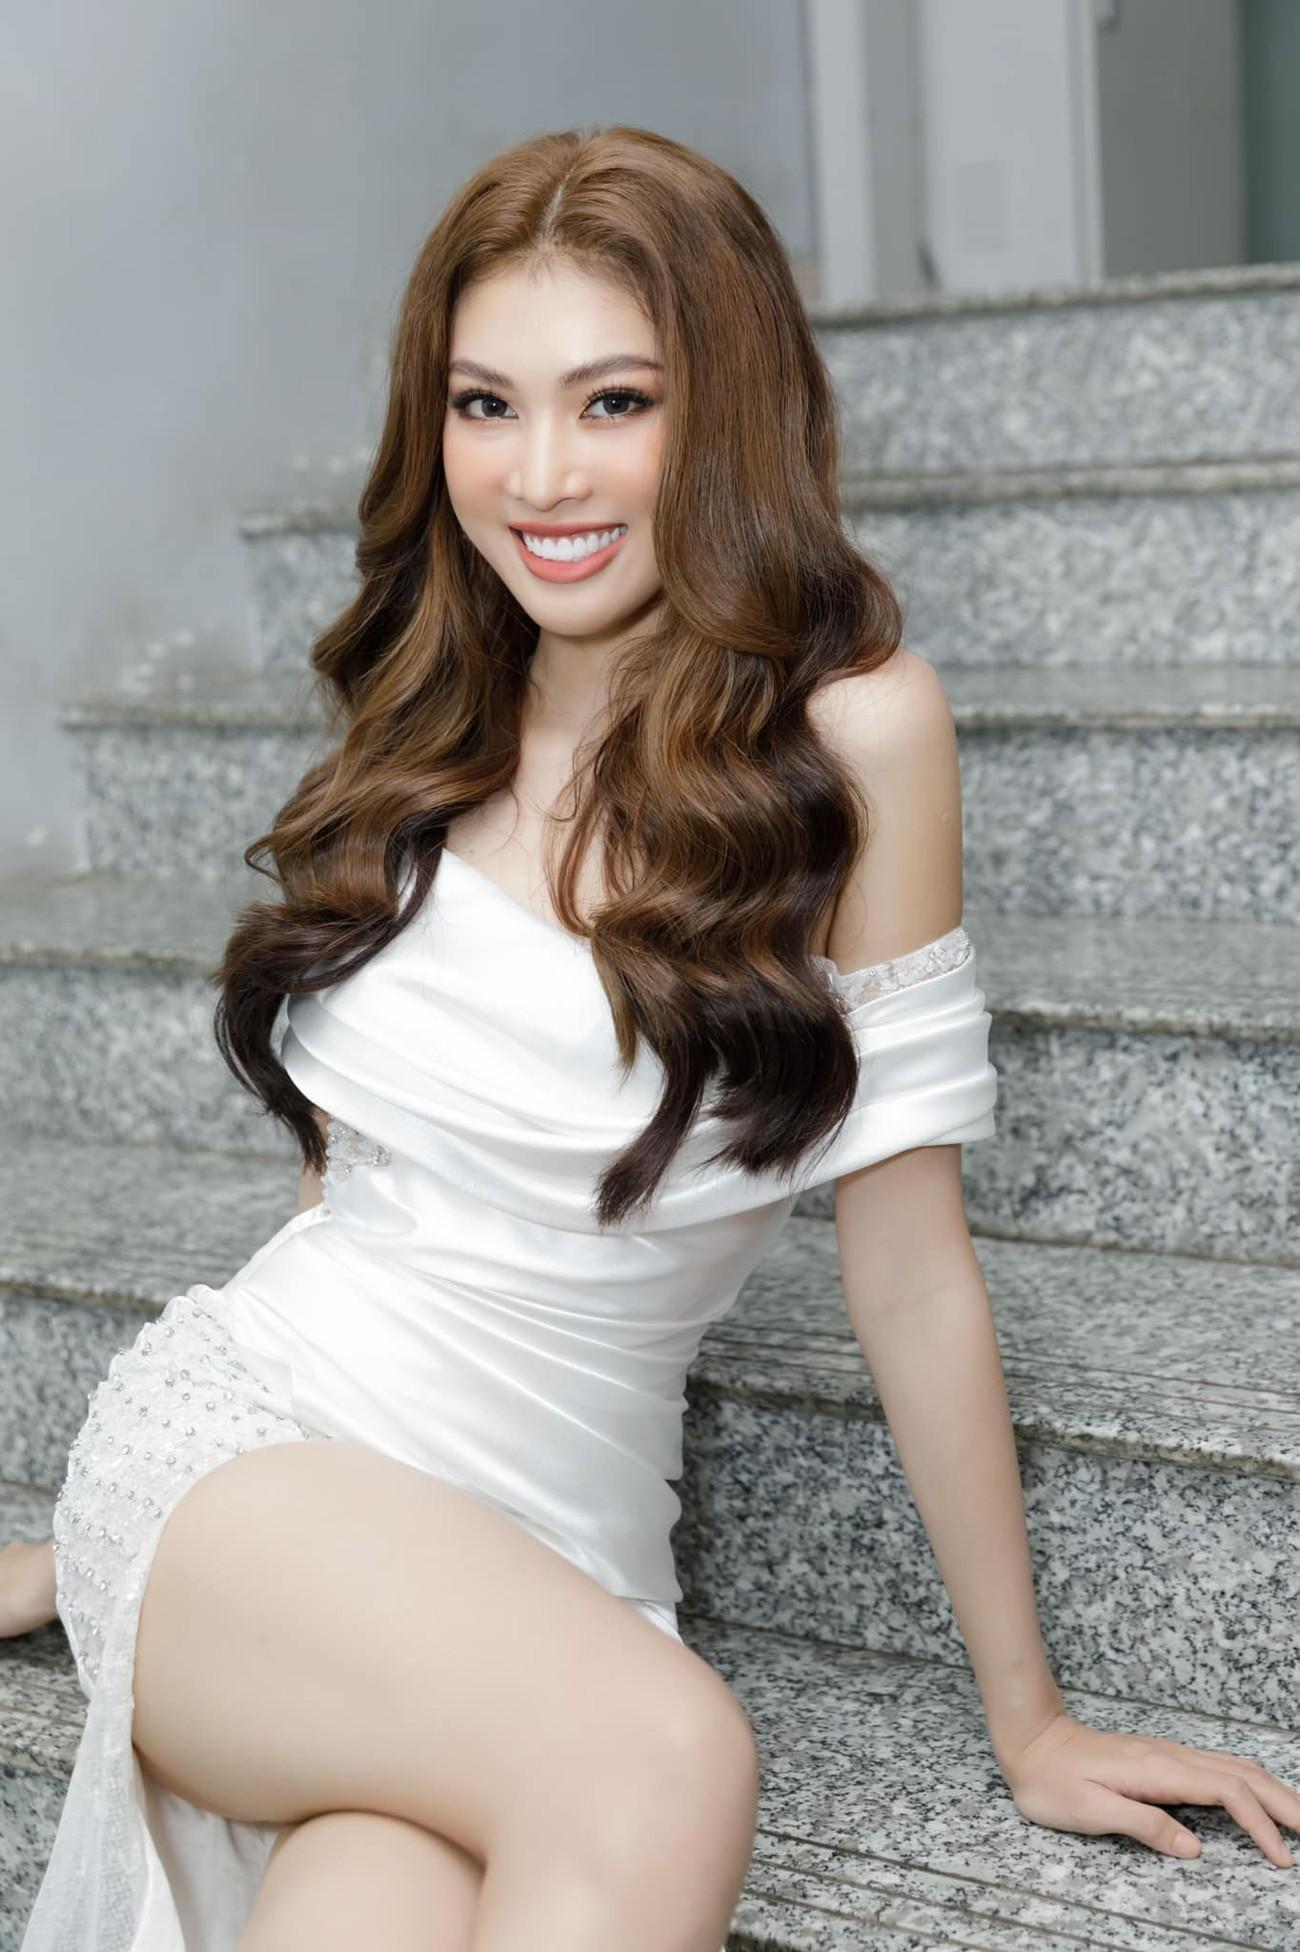 Á hậu Ngọc Thảo diện váy xẻ khoe đôi chân dài 1m11 ảnh 3